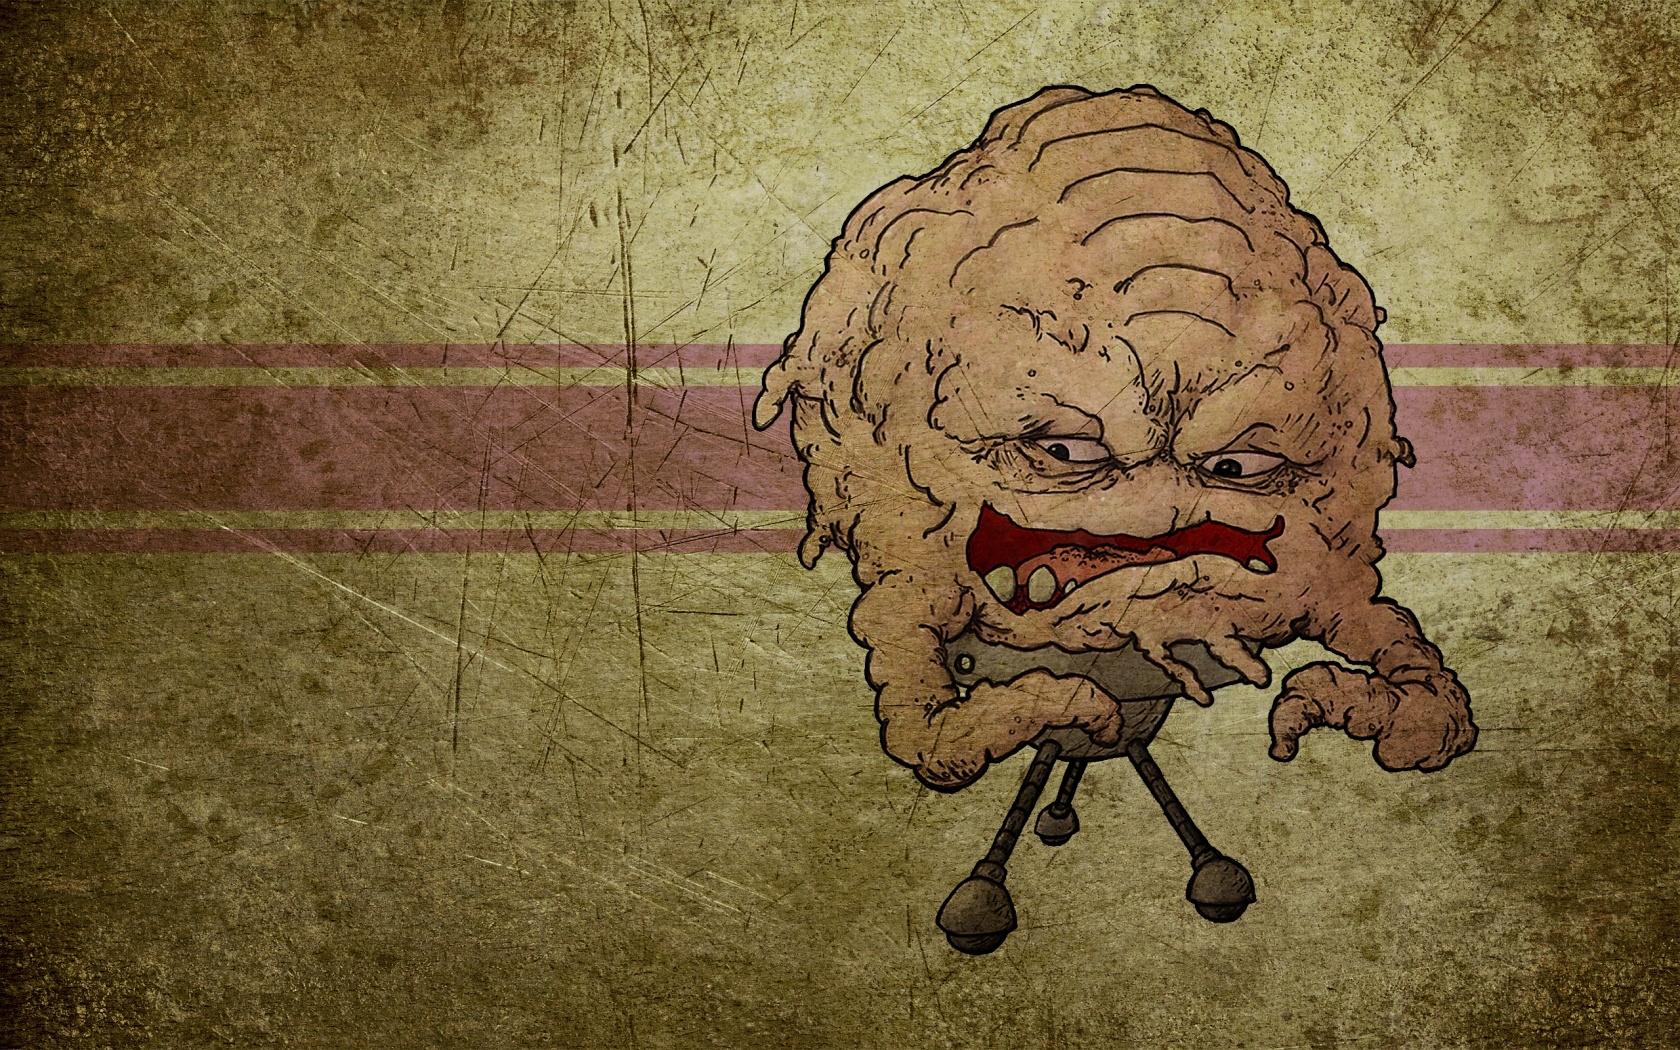 brain_drawing_evil_blood_7947_1680x1050